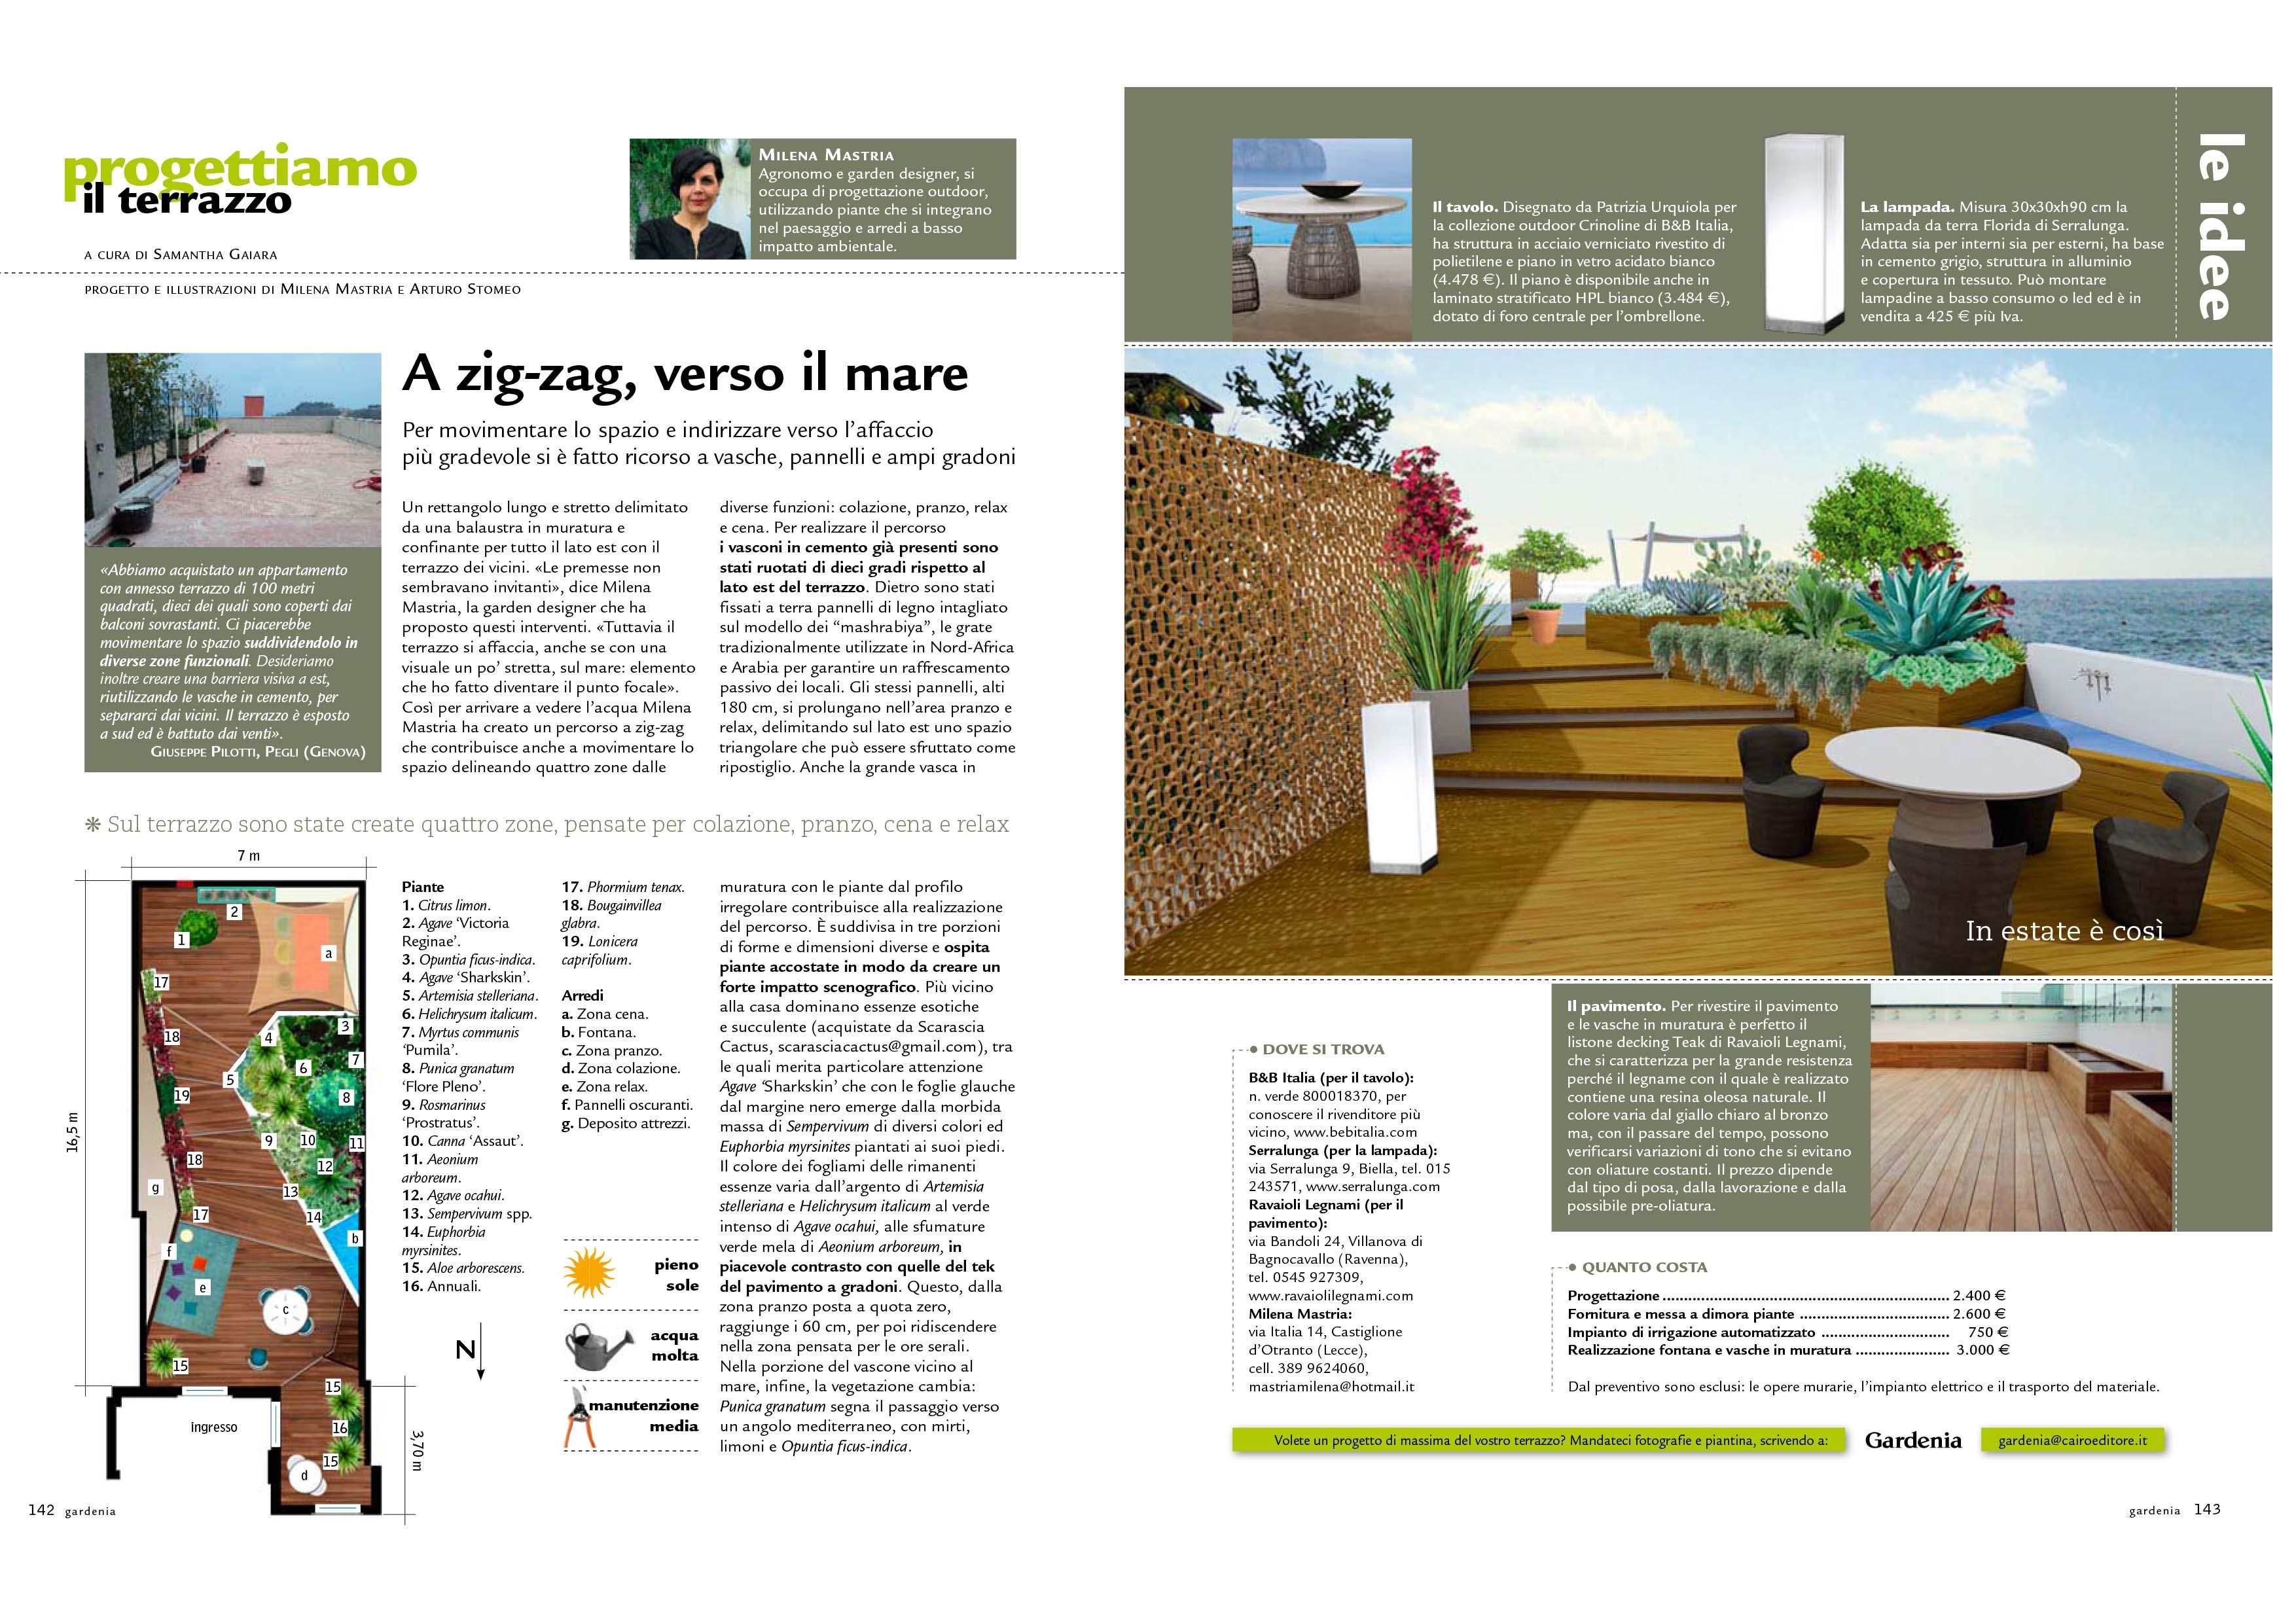 Progettazione Giardini e Terrazzi - CENTROVIVAI garden center